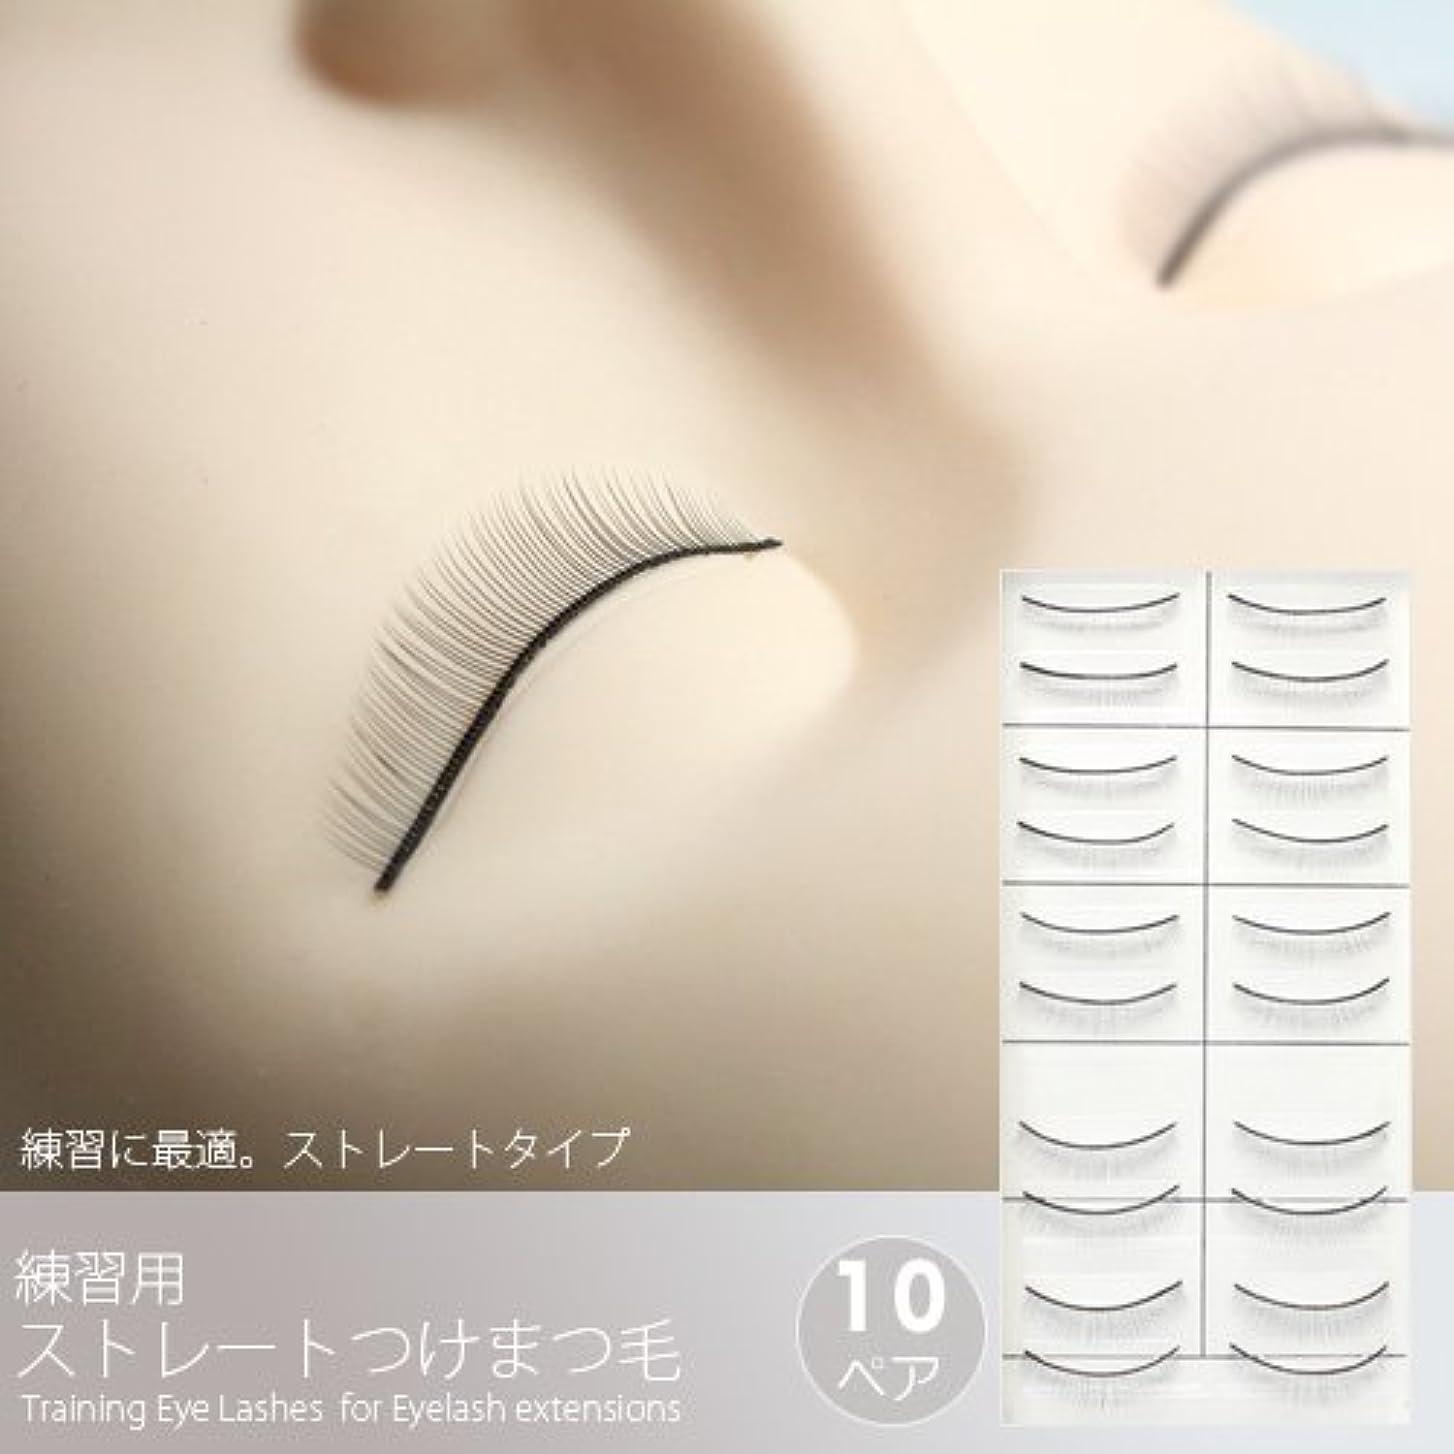 スイッチ写真撮影シート練習用ストレートつけまつげ(10ペア)[Training Eye Lashes ]/まつ毛エクステ商材